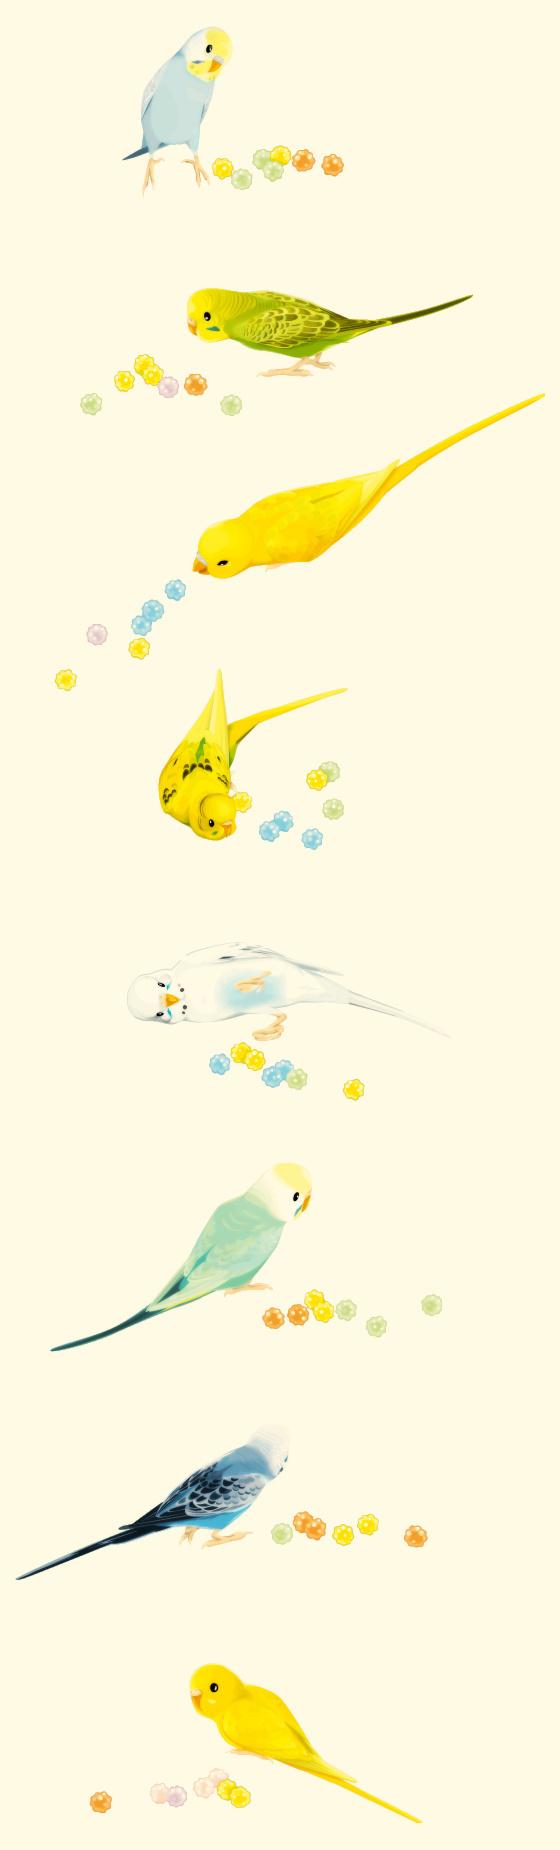 art/illustration」おしゃれまとめの人気アイデア|pinterest